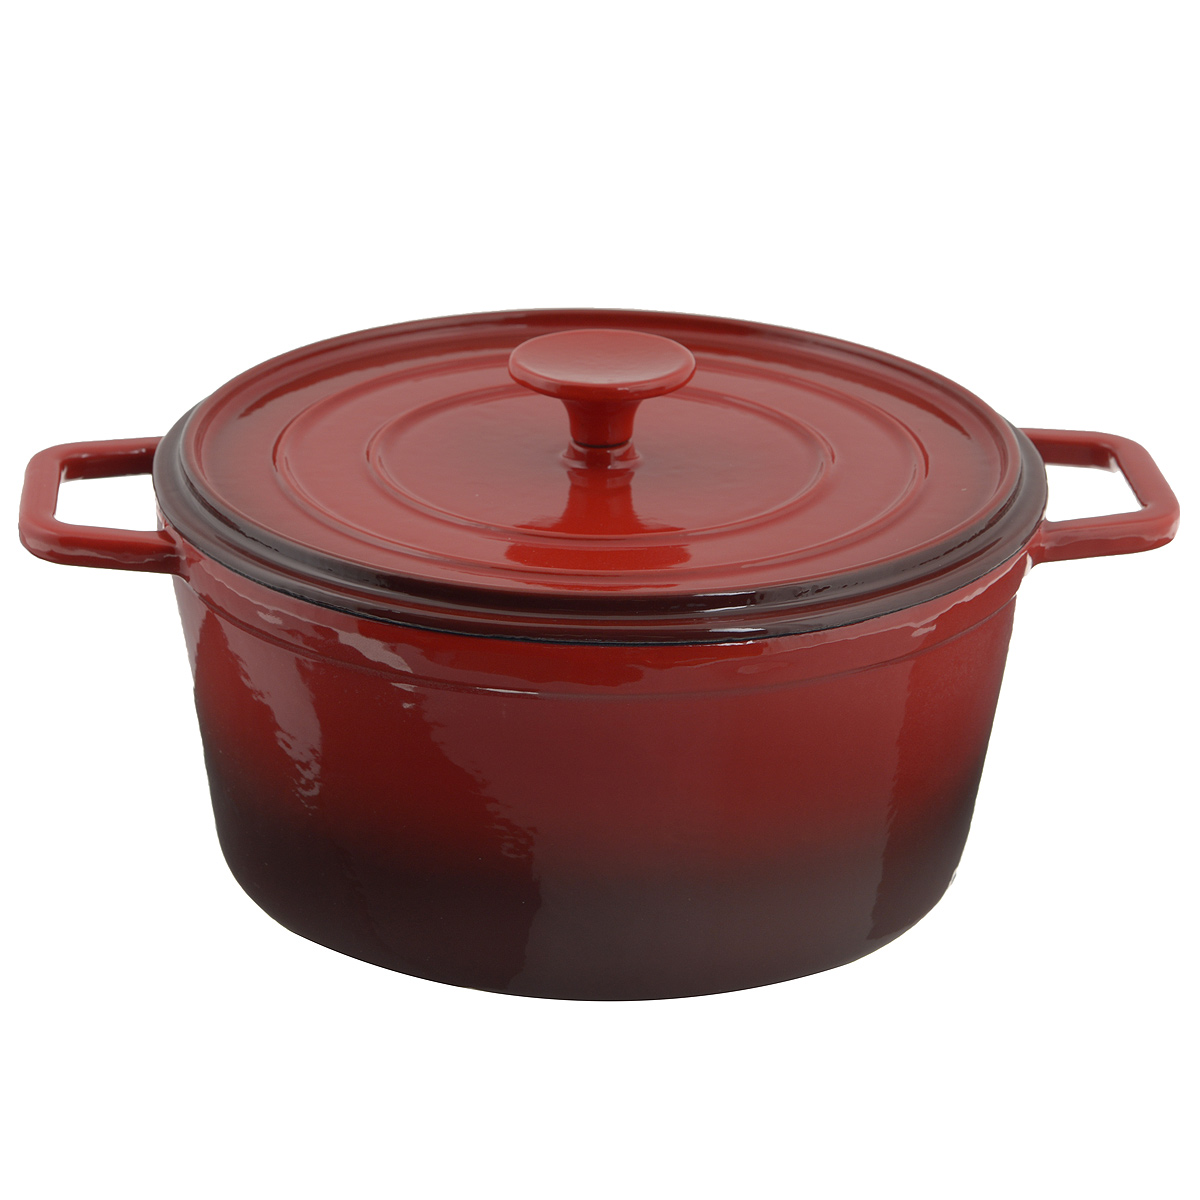 Кастрюля Mayer & Boch с крышкой, с эмалевым покрытием, 5 лDO-3307Кастрюля Mayer & Boch, изготовленная из чугуна, идеально подходит для приготовления вкусных тушеных блюд. Она имеет внутреннее стекловидное эмалевое покрытие. Чугун является традиционным высокопрочным, экологически чистым материалом. Причем, чем дольше и чаще вы пользуетесь этой посудой, тем лучше становятся ее свойства. Высокая теплоемкость чугуна позволяет ему сильно нагреваться и медленно остывать, а это в свою очередь обеспечивает равномерное приготовление пищи. Чугун не вступает в какие-либо химические реакции с пищей в процессе приготовления и хранения, а плотное покрытие - безупречное препятствие для бактерий и запахов. Пища, приготовленная в чугунной посуде, благодаря экологической чистоте материала не может нанести вред здоровью человека. Кастрюля оснащена двумя удобными ручками. Крышка изготовлена из чугуна. Она плотно прилегает к краю казана, сохраняя аромат блюд. Можно использовать в духовом шкафу. Нельзя мыть в посудомоечной машине. Высота стенки: 12 см.Толщина стенки: 5 мм.Толщина дна: 6 мм.Ширина кастрюли (с учетом ручек): 34 см.